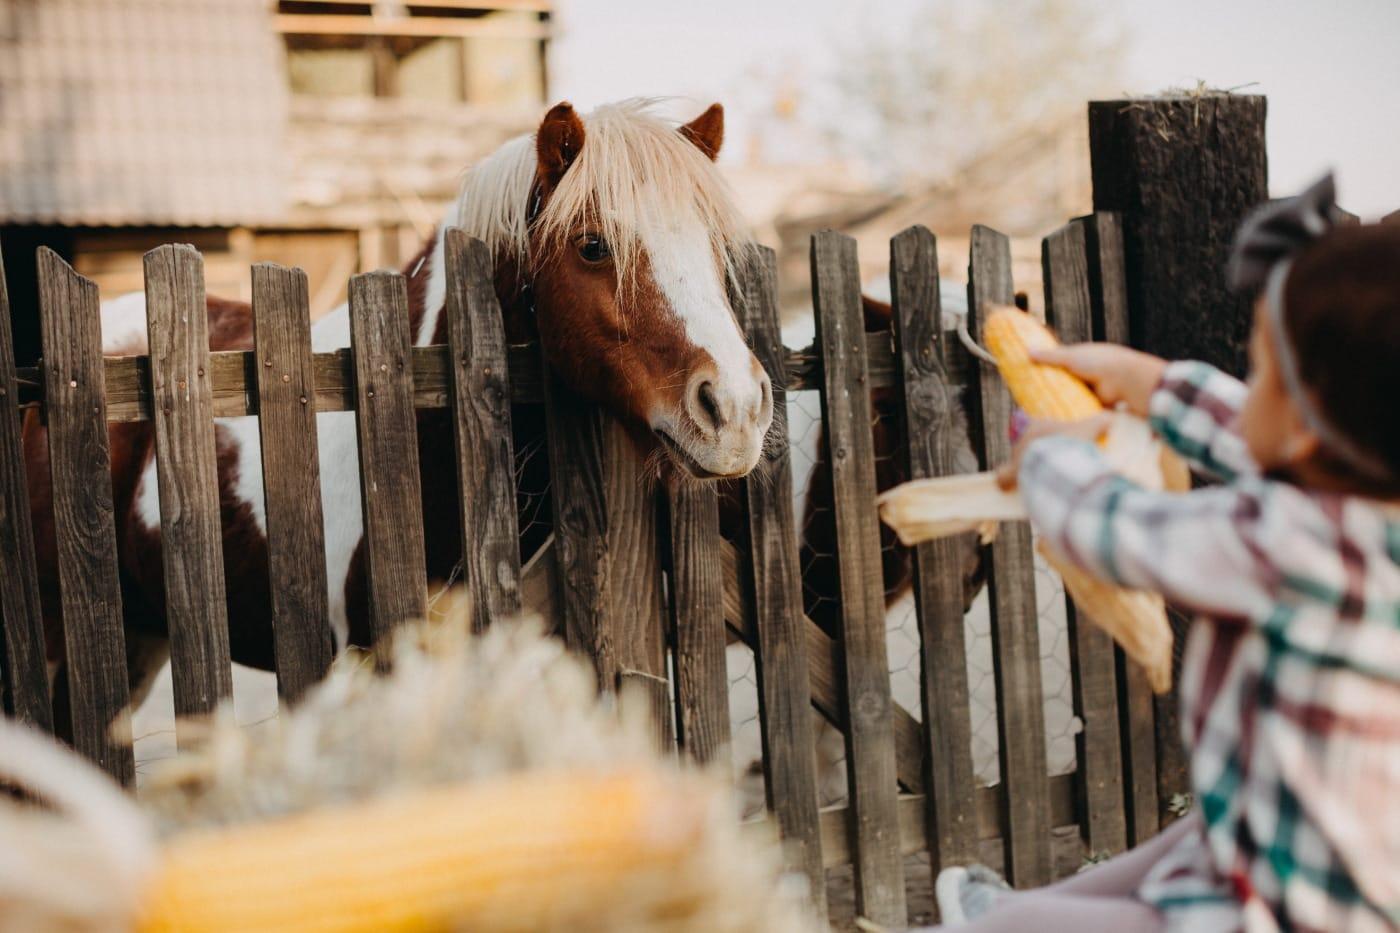 Pony, Pferd, Dorf, Landschaft, Zaun, Fütterung, untergeordnete, Mais, Feed, Essen